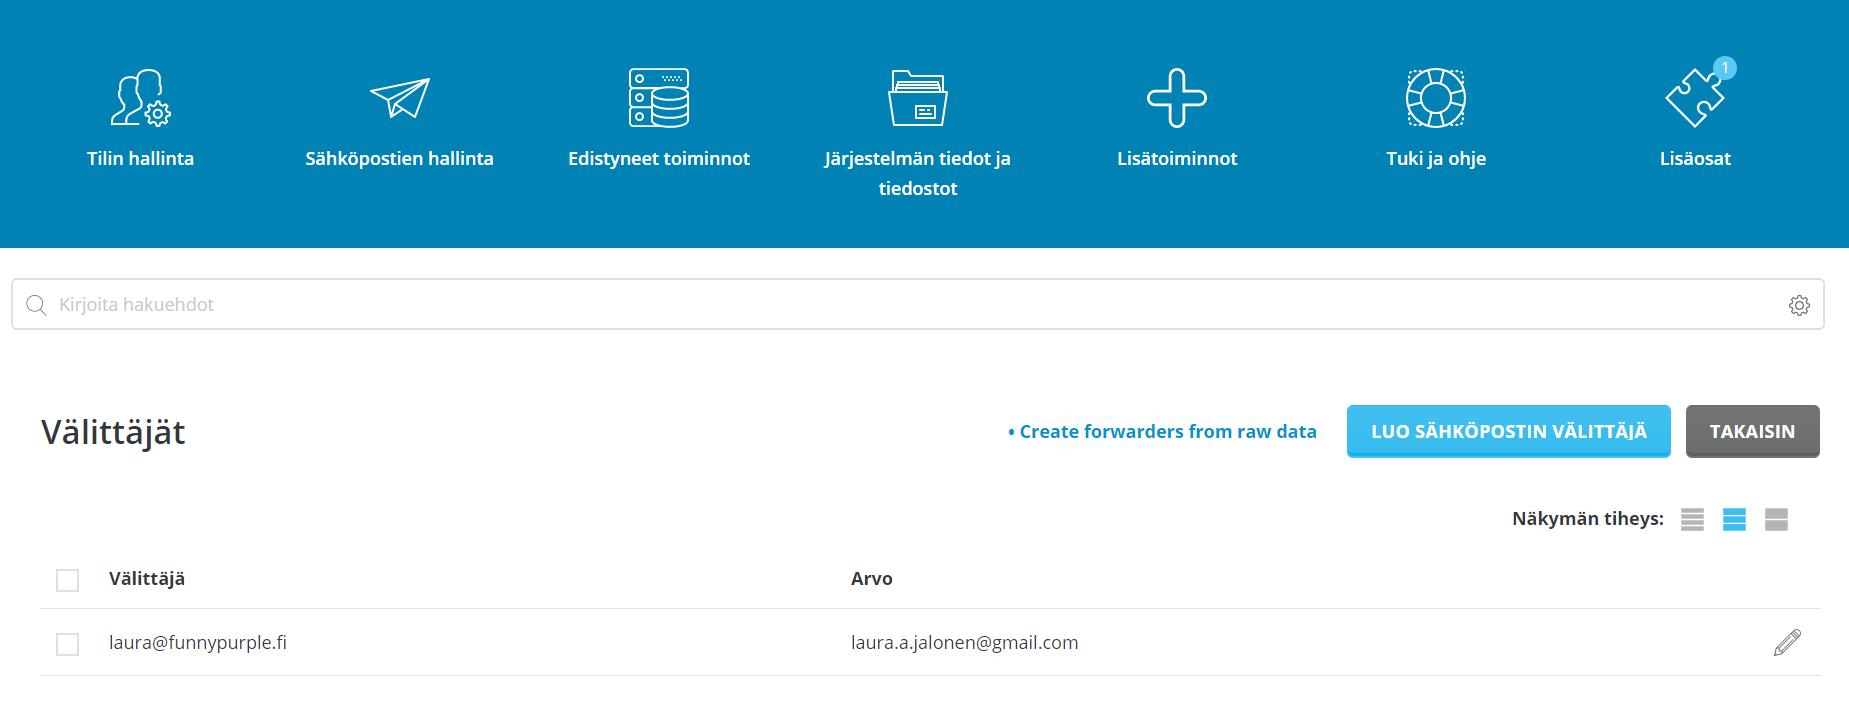 Lomavastaajan kytkeminen Gmailin kautta käytettävään oman domainin sähköpostiin 1